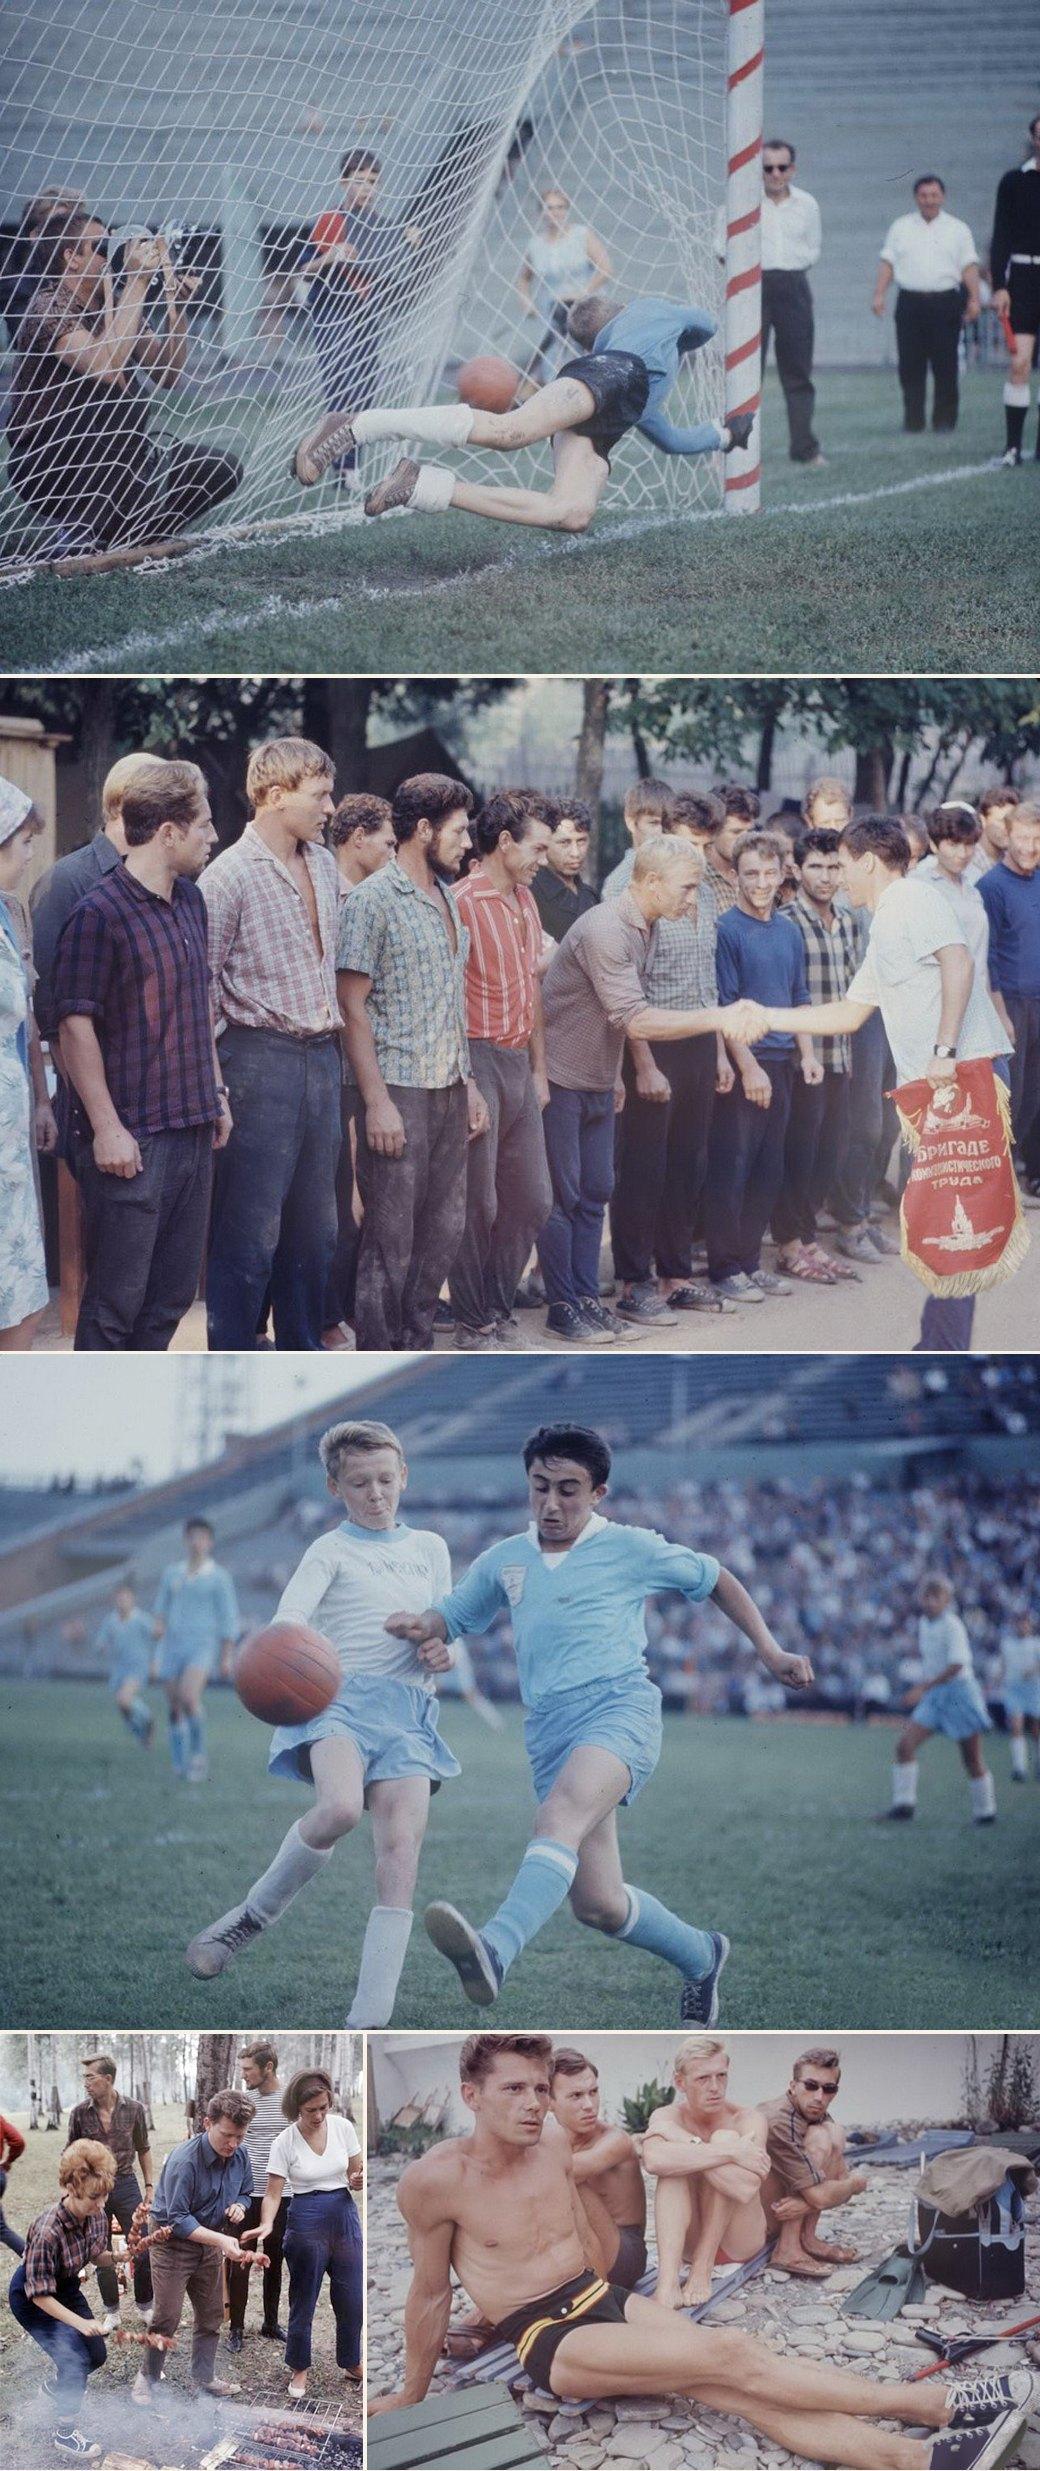 Кеды: История самой простой спортивной обуви в мире и СССР. Изображение №10.